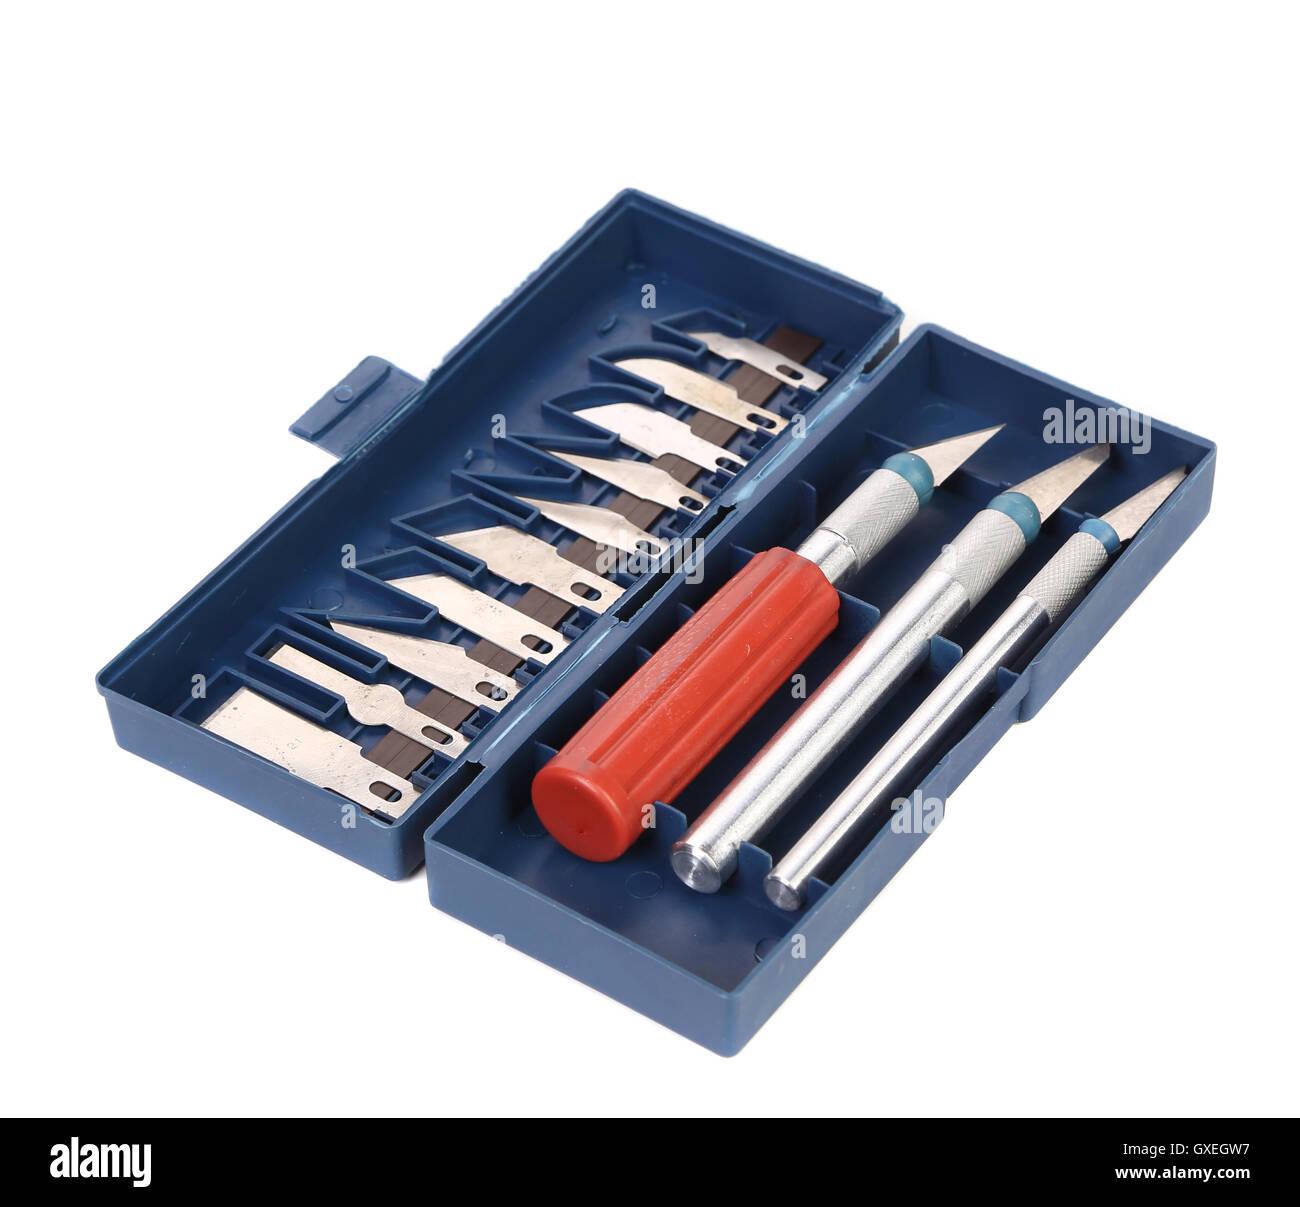 Set of Craft Knifes. - Stock Image